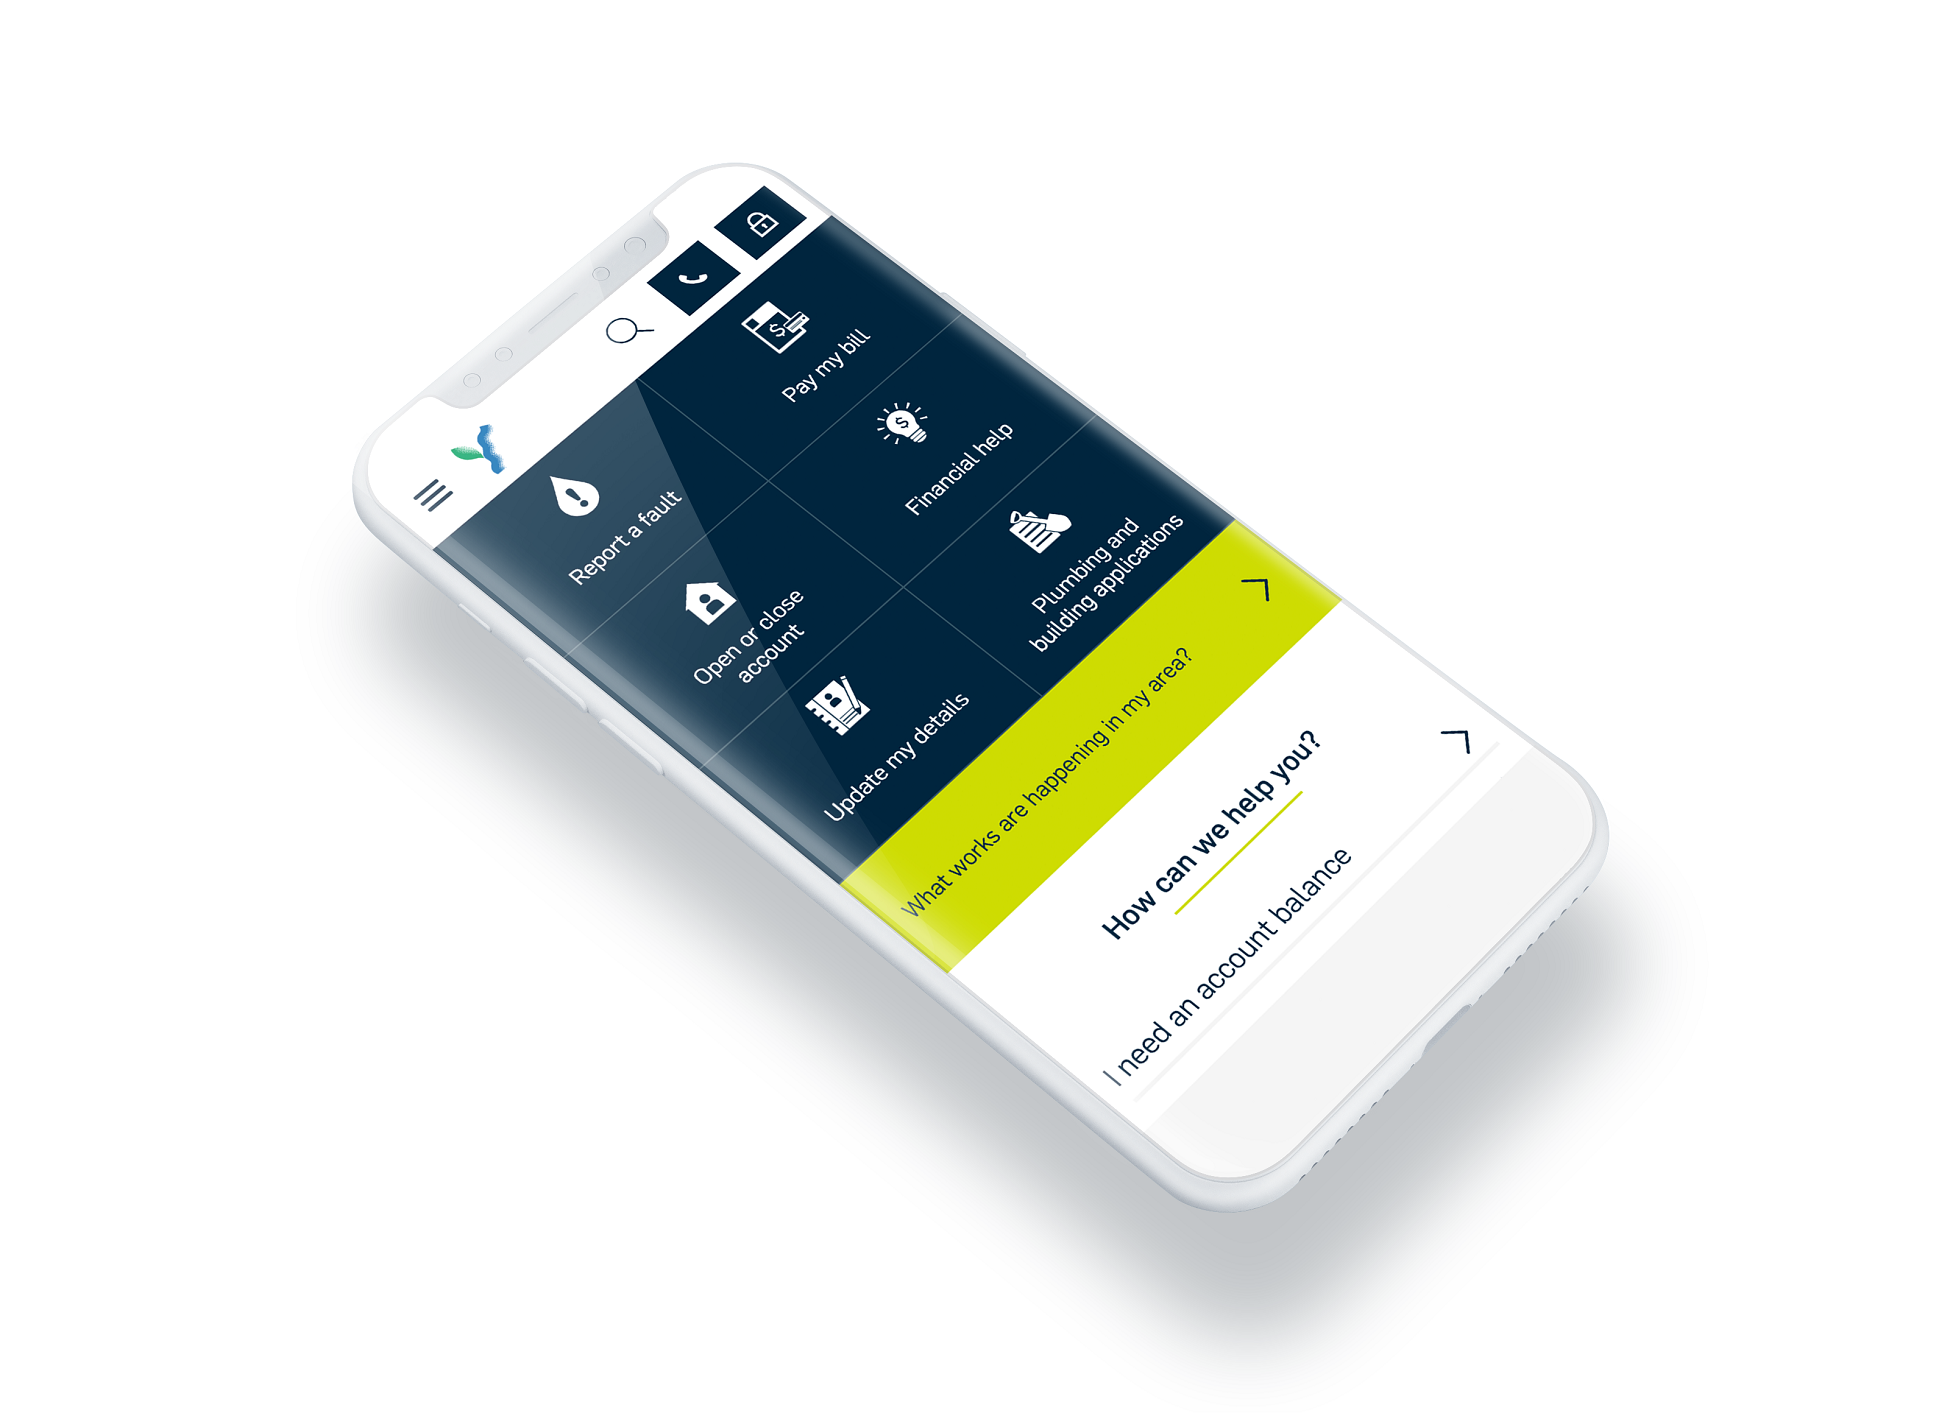 yarra valley website mobile design